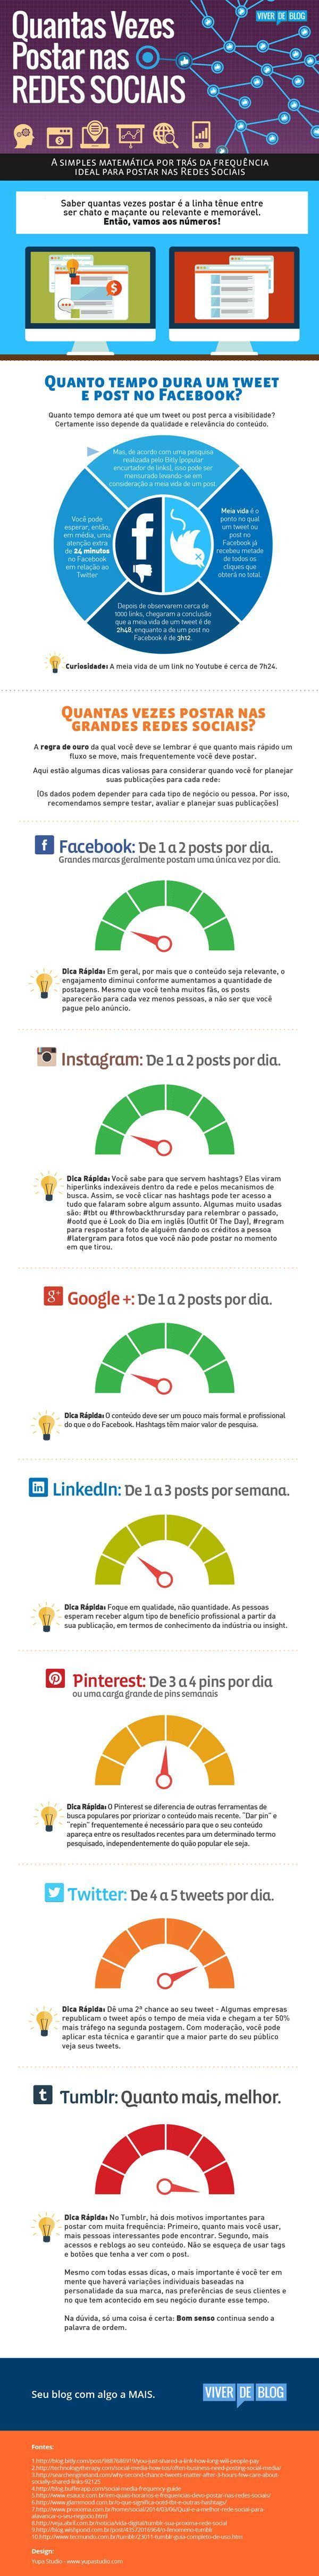 vezes info 600px Infográfico: A Frequência Perfeita para Postar nas Redes Sociais  - Clique aqui http://www.estrategiadigital.pt/e-book-ferramentas-de-redes-sociais/ e faça agora mesmo Download do nosso E-Book Gratuito sobre FERRAMENTAS DE REDES SOCIAIS